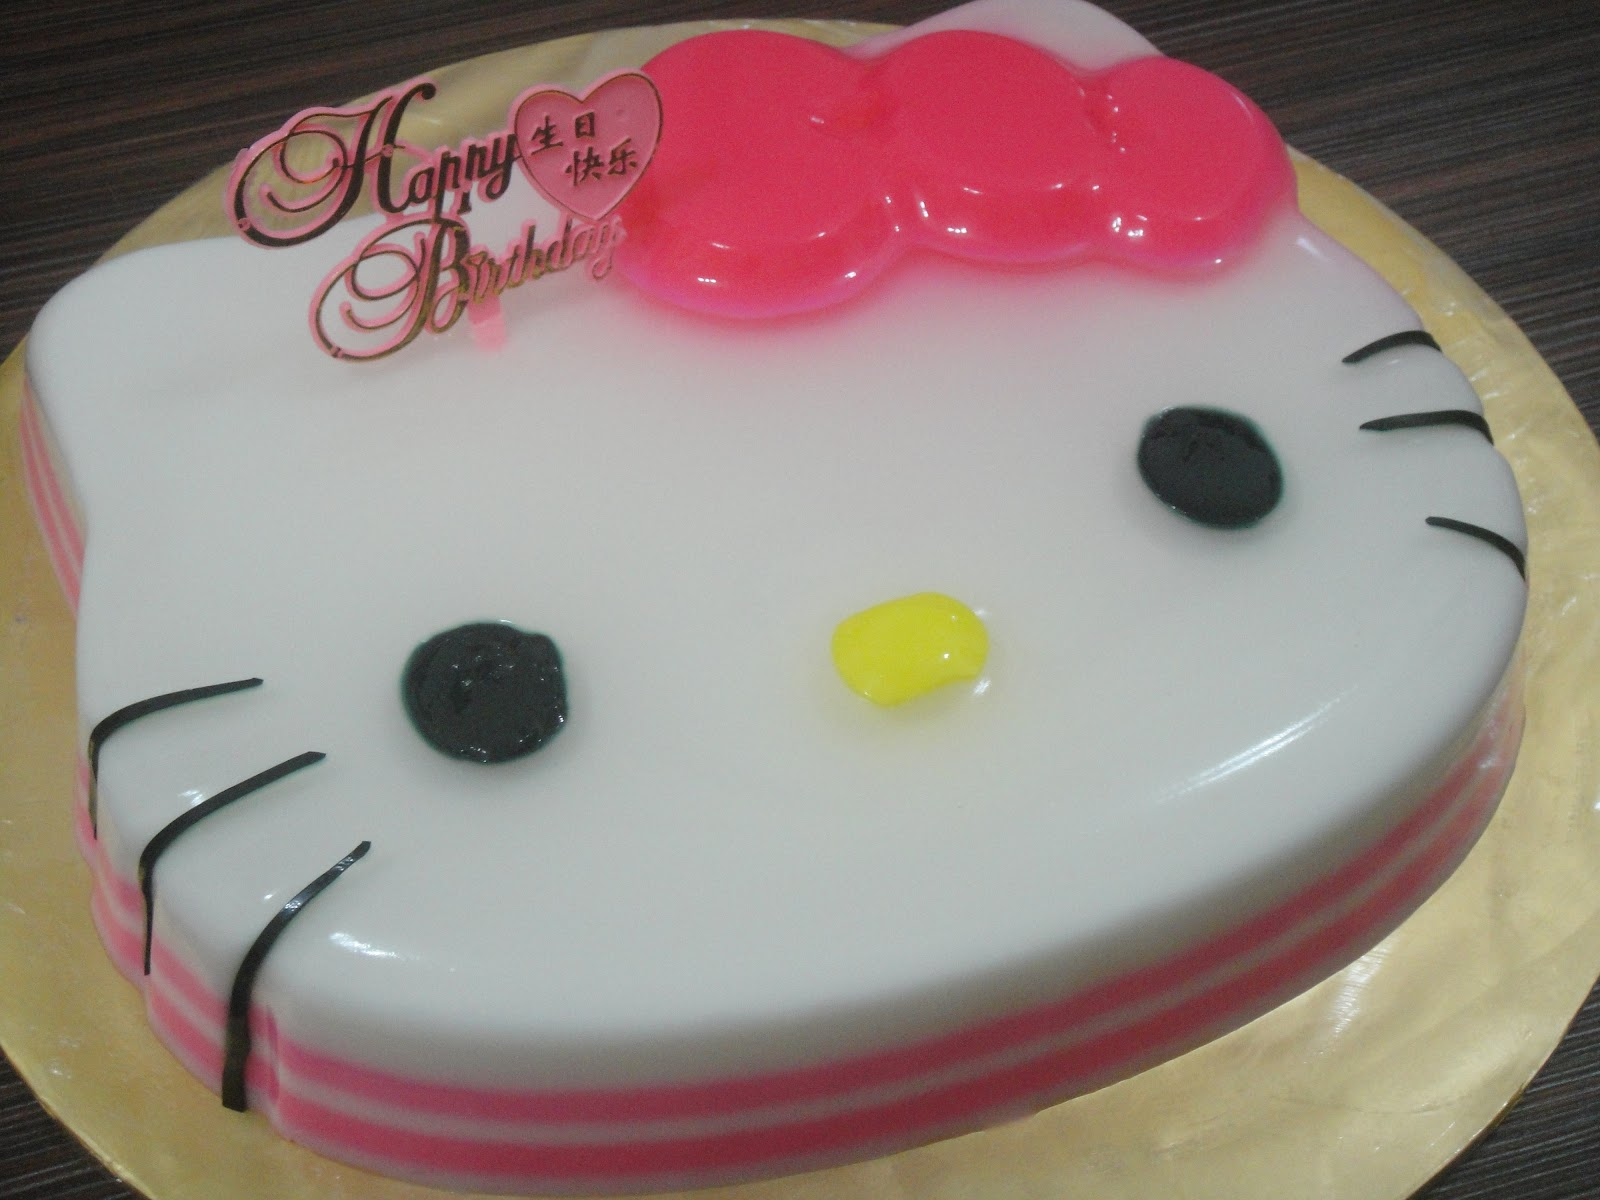 Birthday 2 Kg Cake Images : YES.HomemadeBakery: 2D Hello Kitty Jelly Cake (1.2kg)